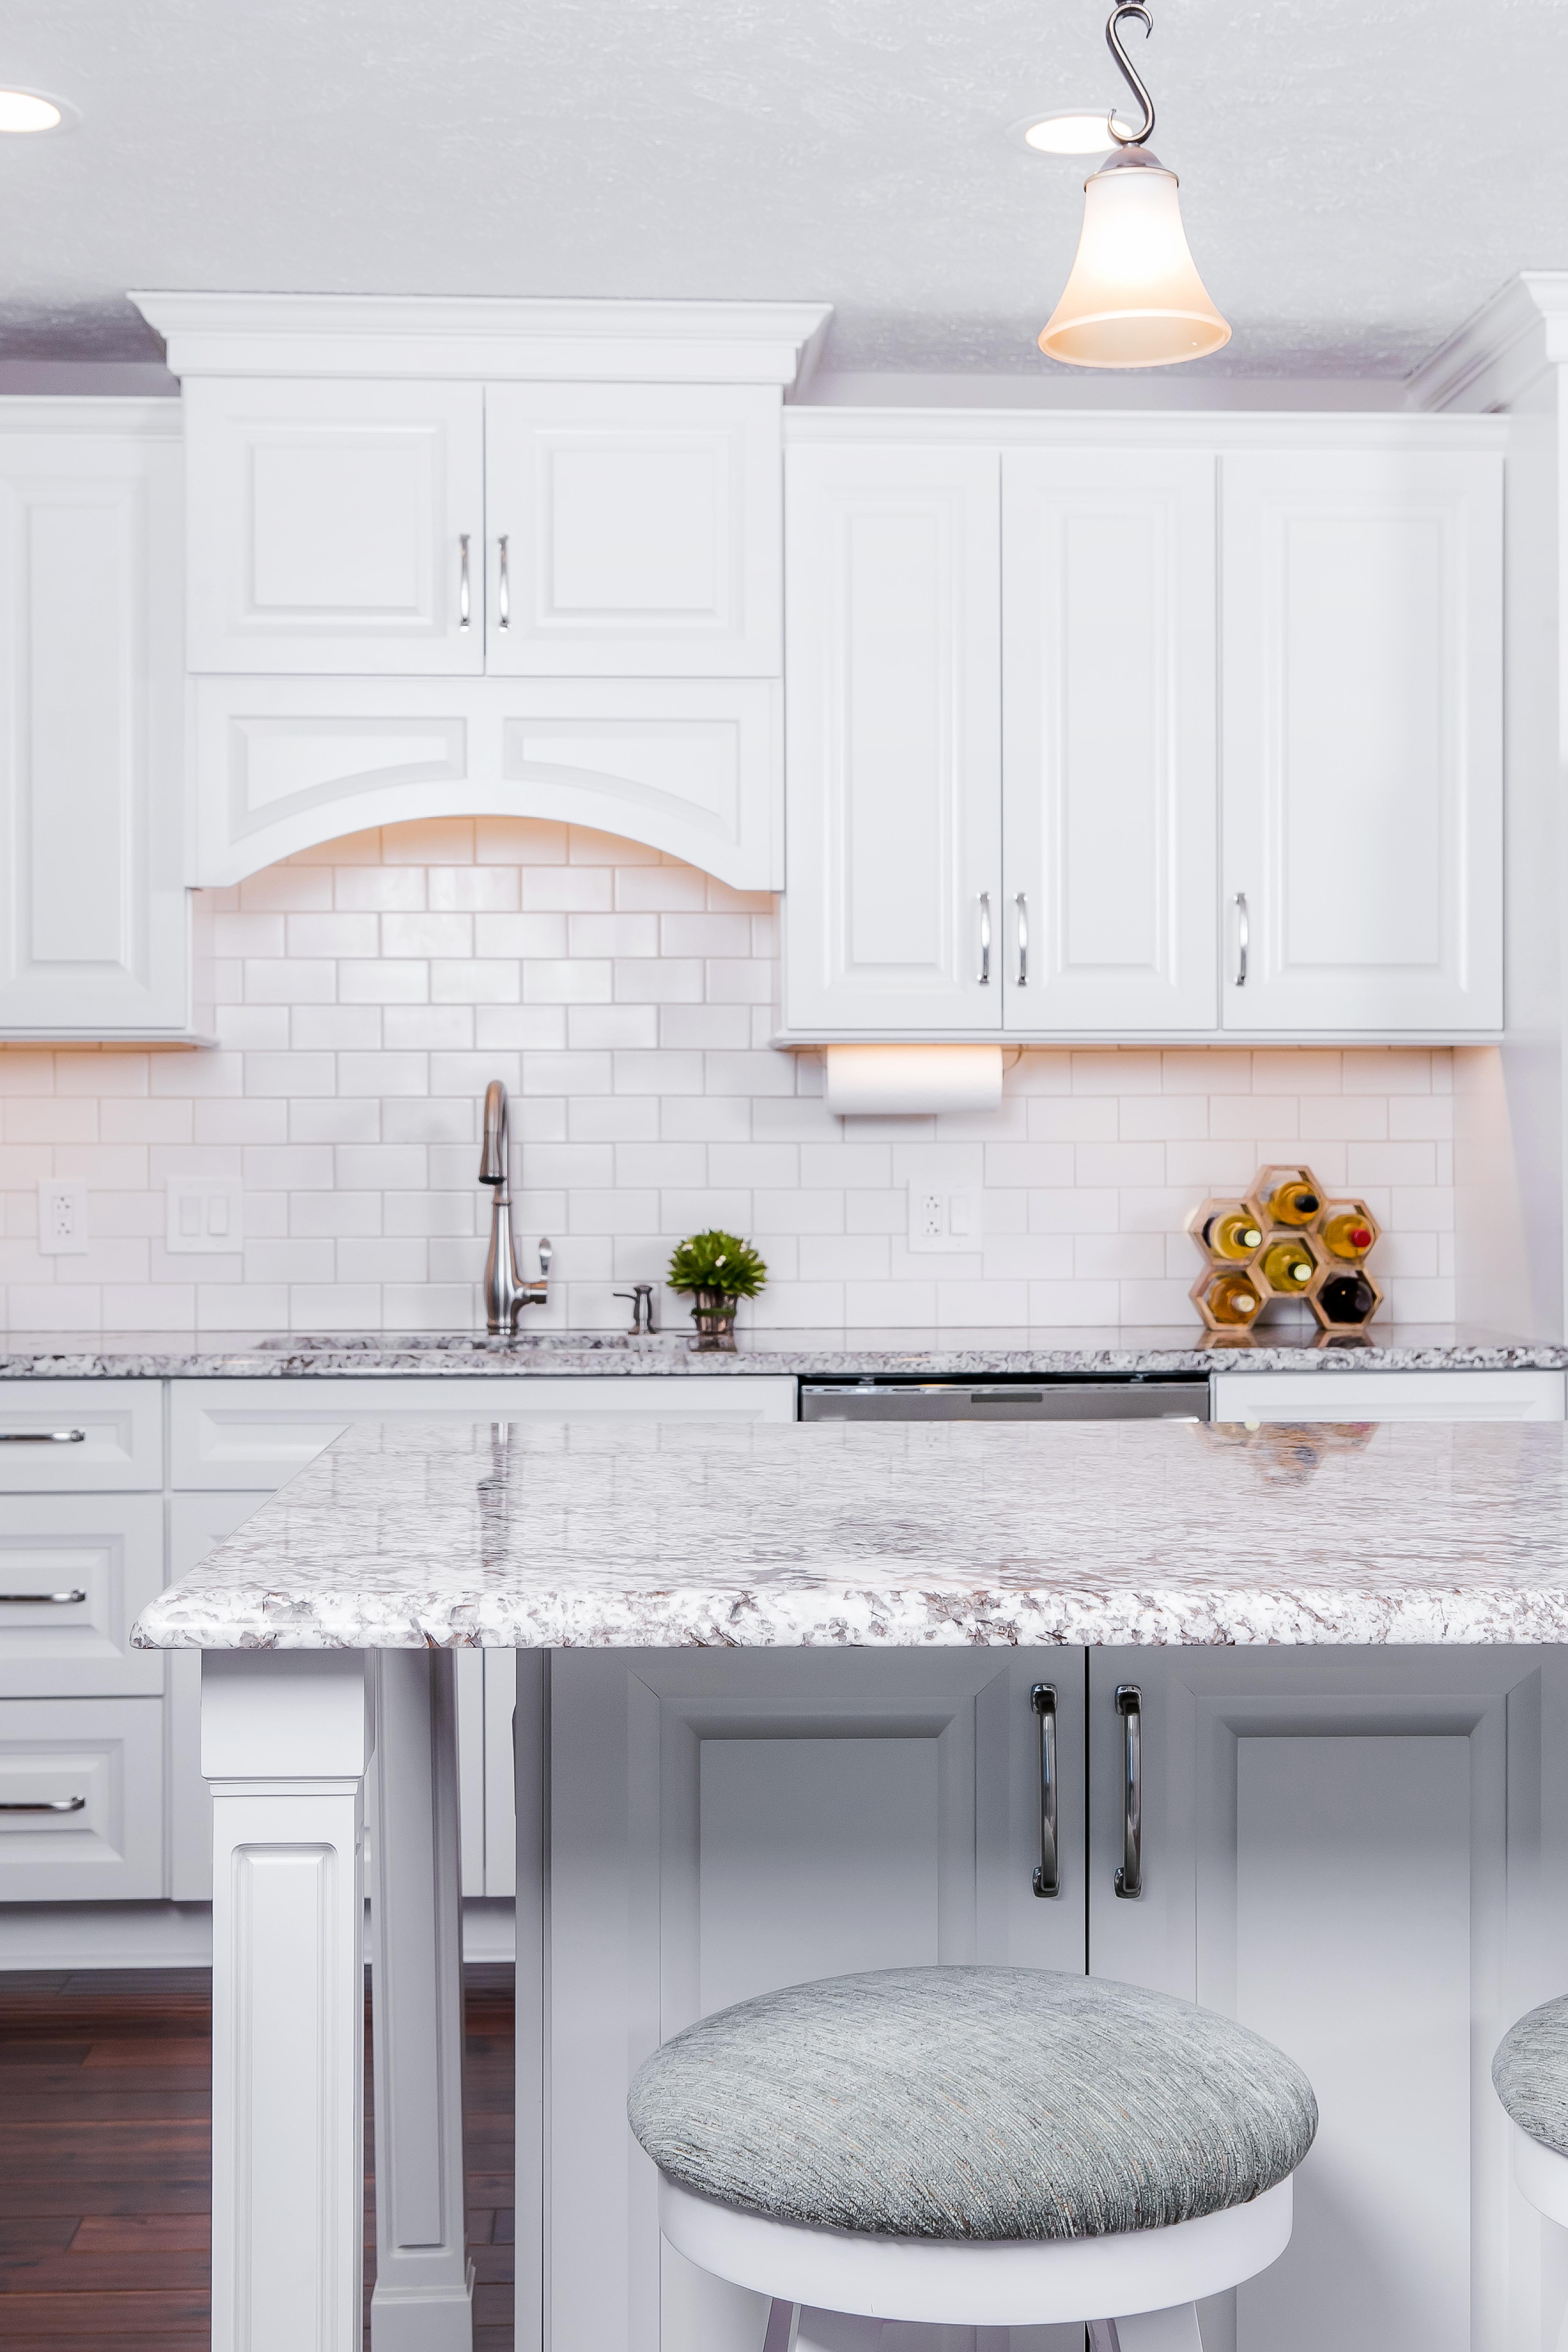 lpetrilla 84lumberrankinrd 1147 kitchens   84 design studios  rh   84designstudios com